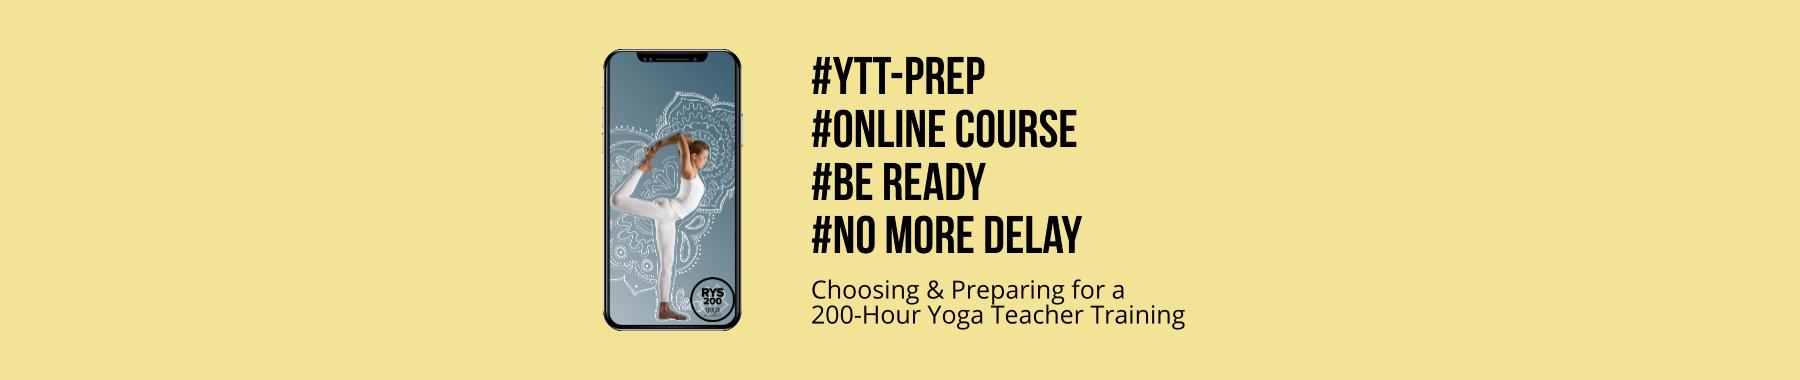 YTT-Prep